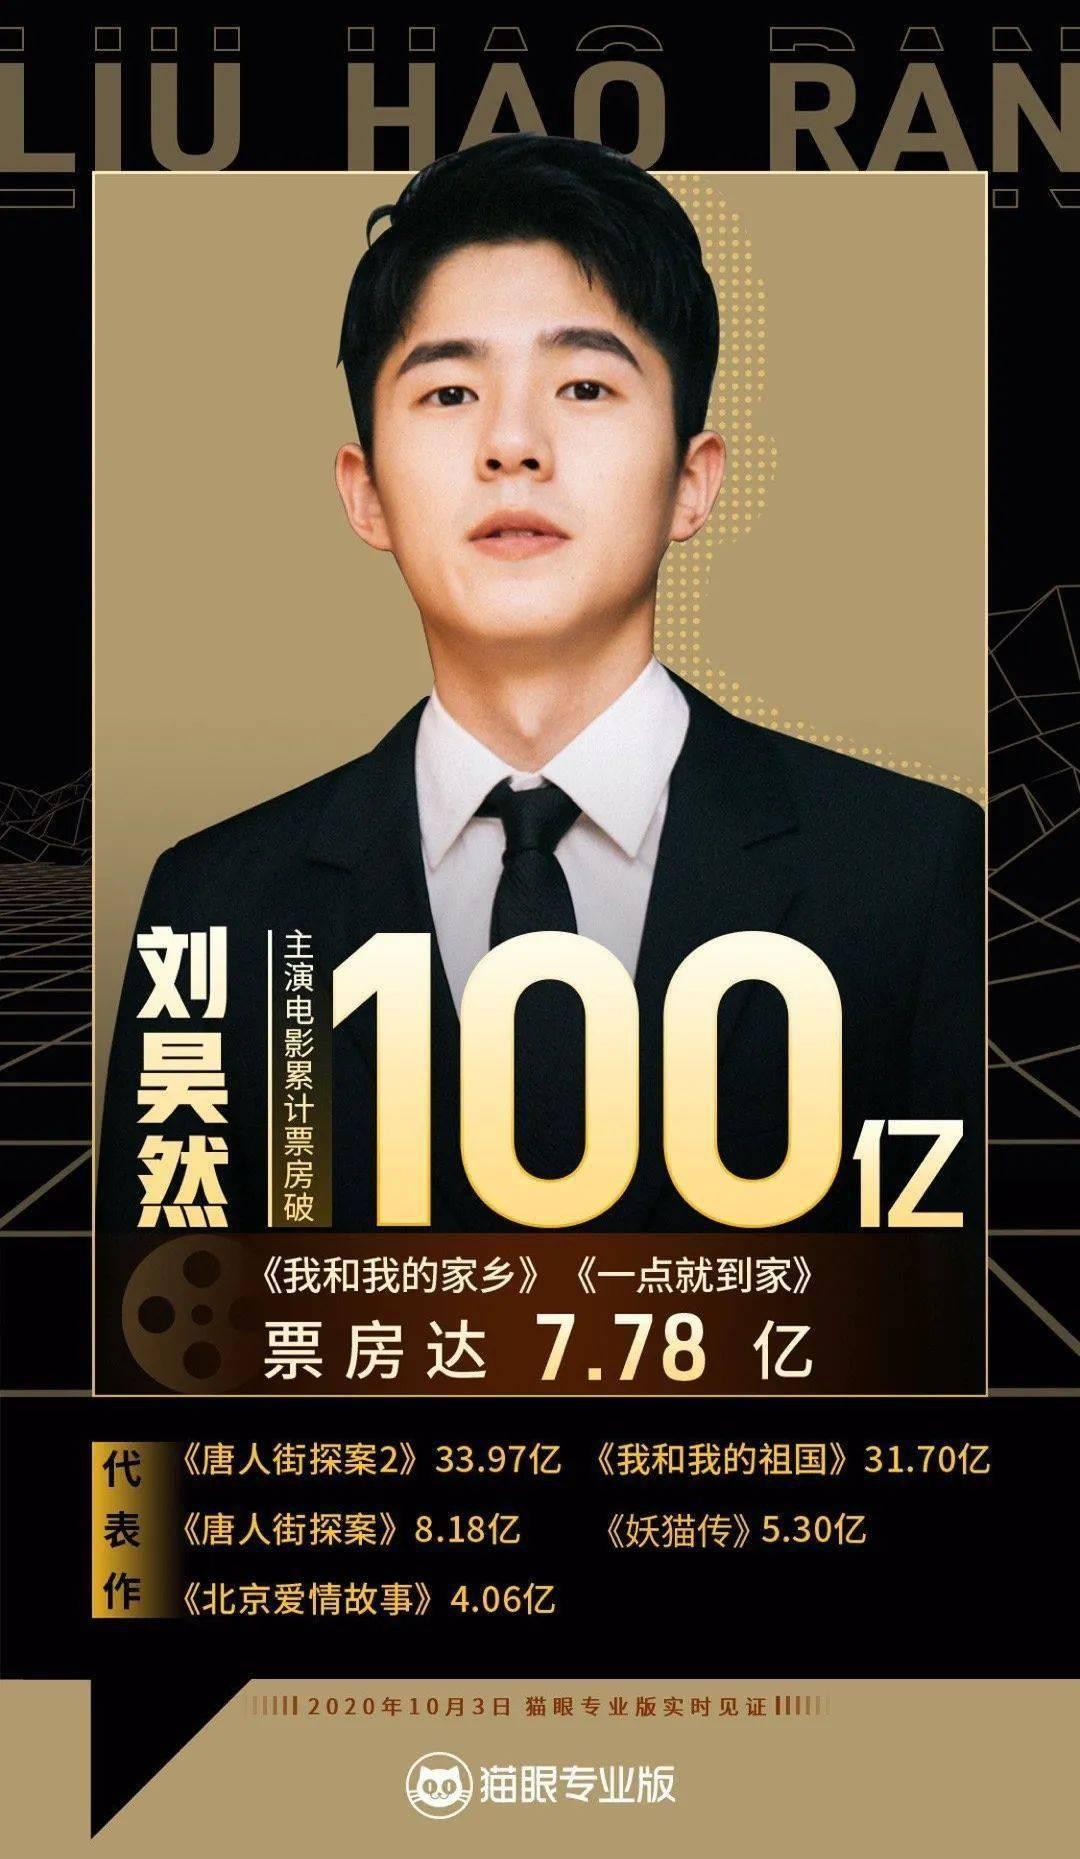 一举成为最年轻的百亿影人,刘昊然却说他清楚自己的分量